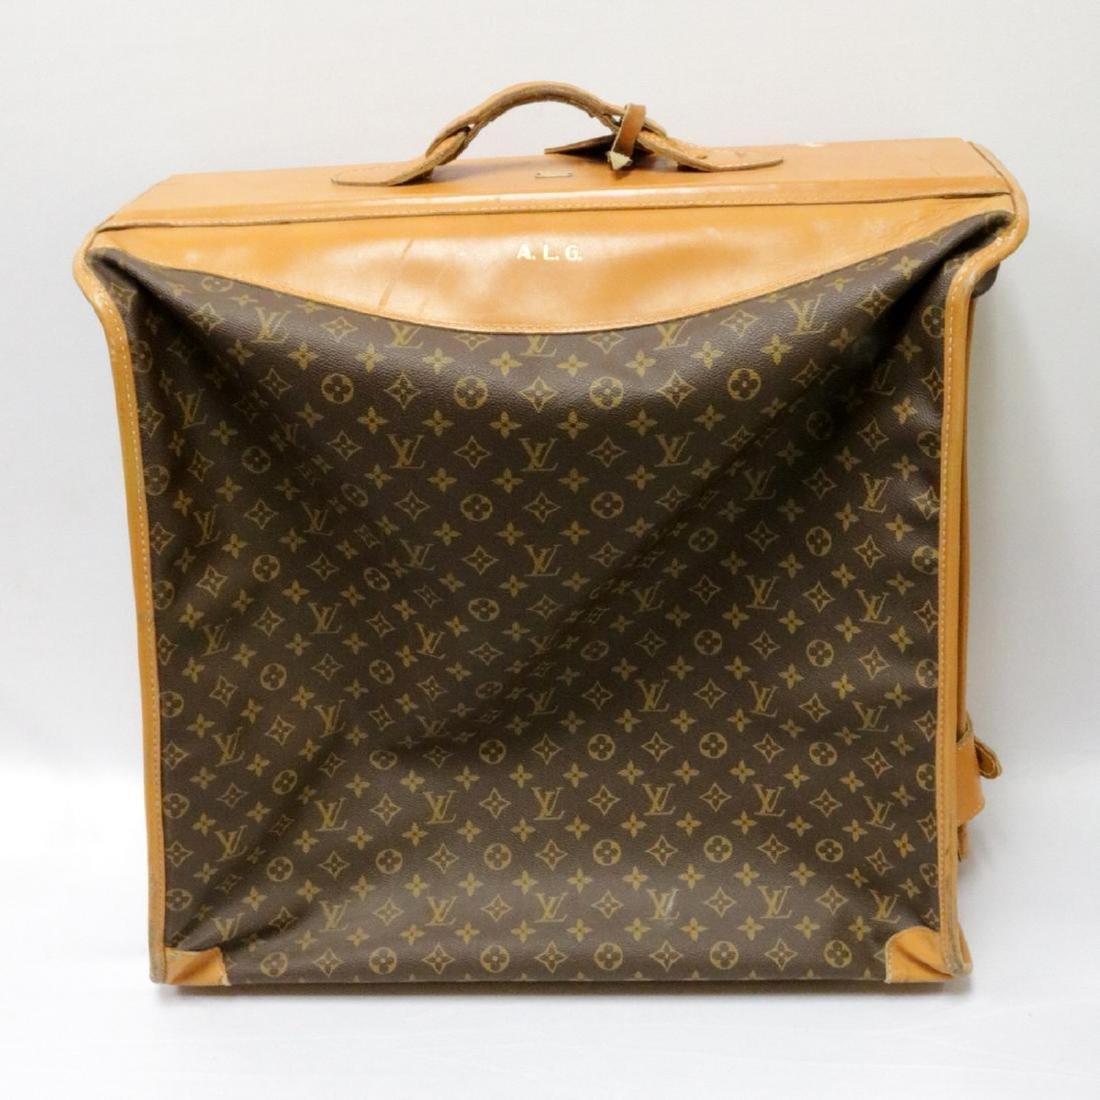 Vintage Louis Vuitton Garment Travel Bag